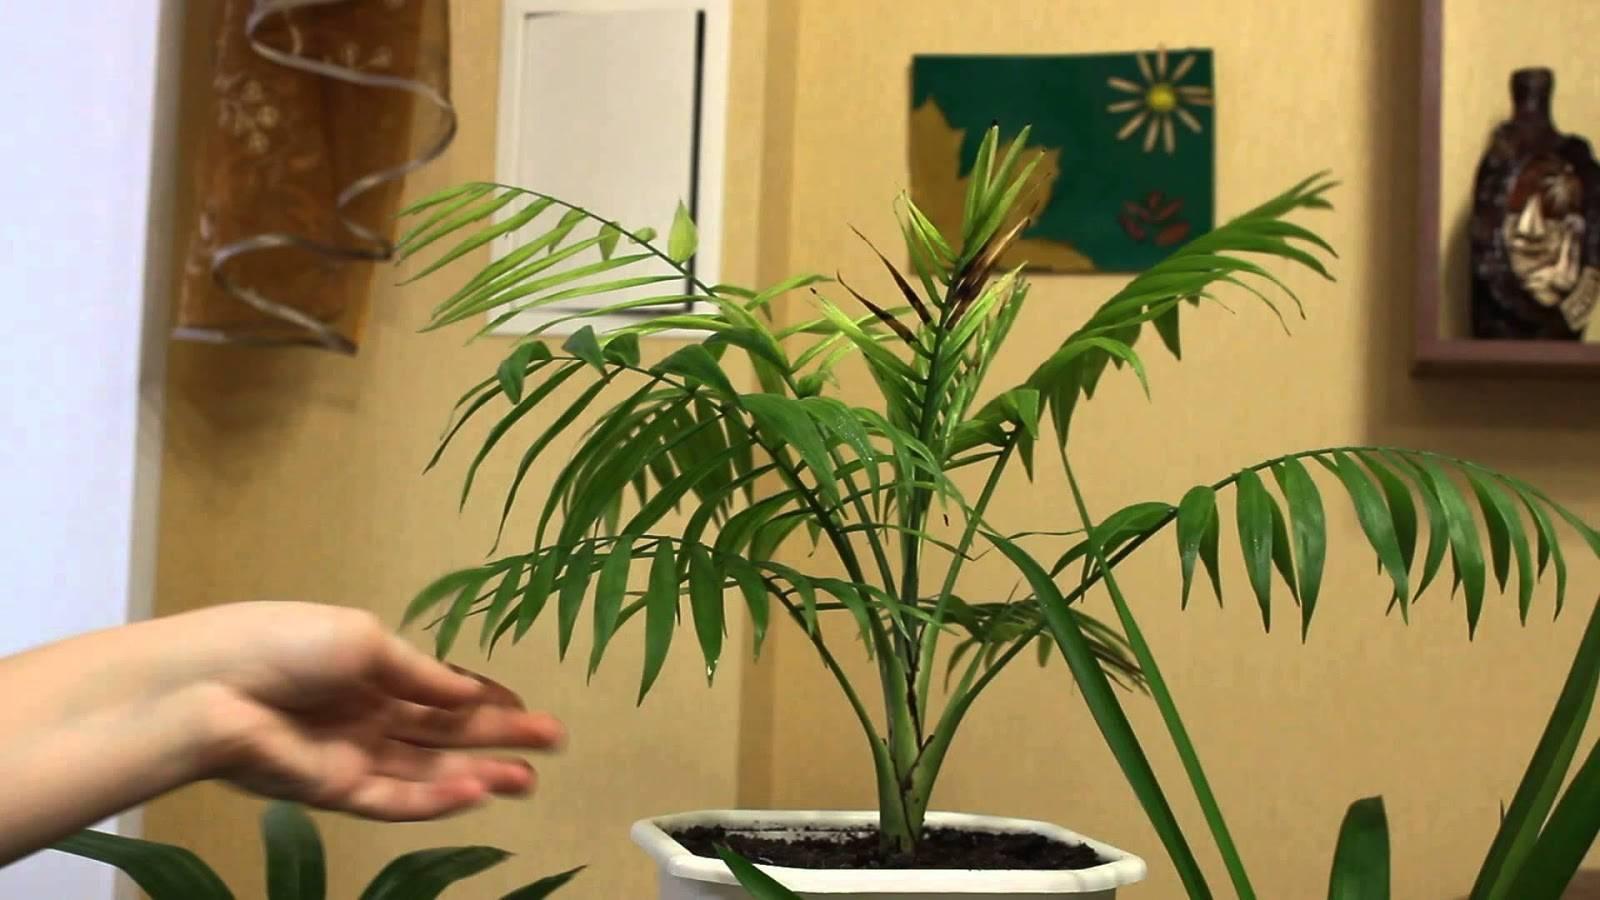 Пальма арека: тропическая экзотика, украшающая интерьер